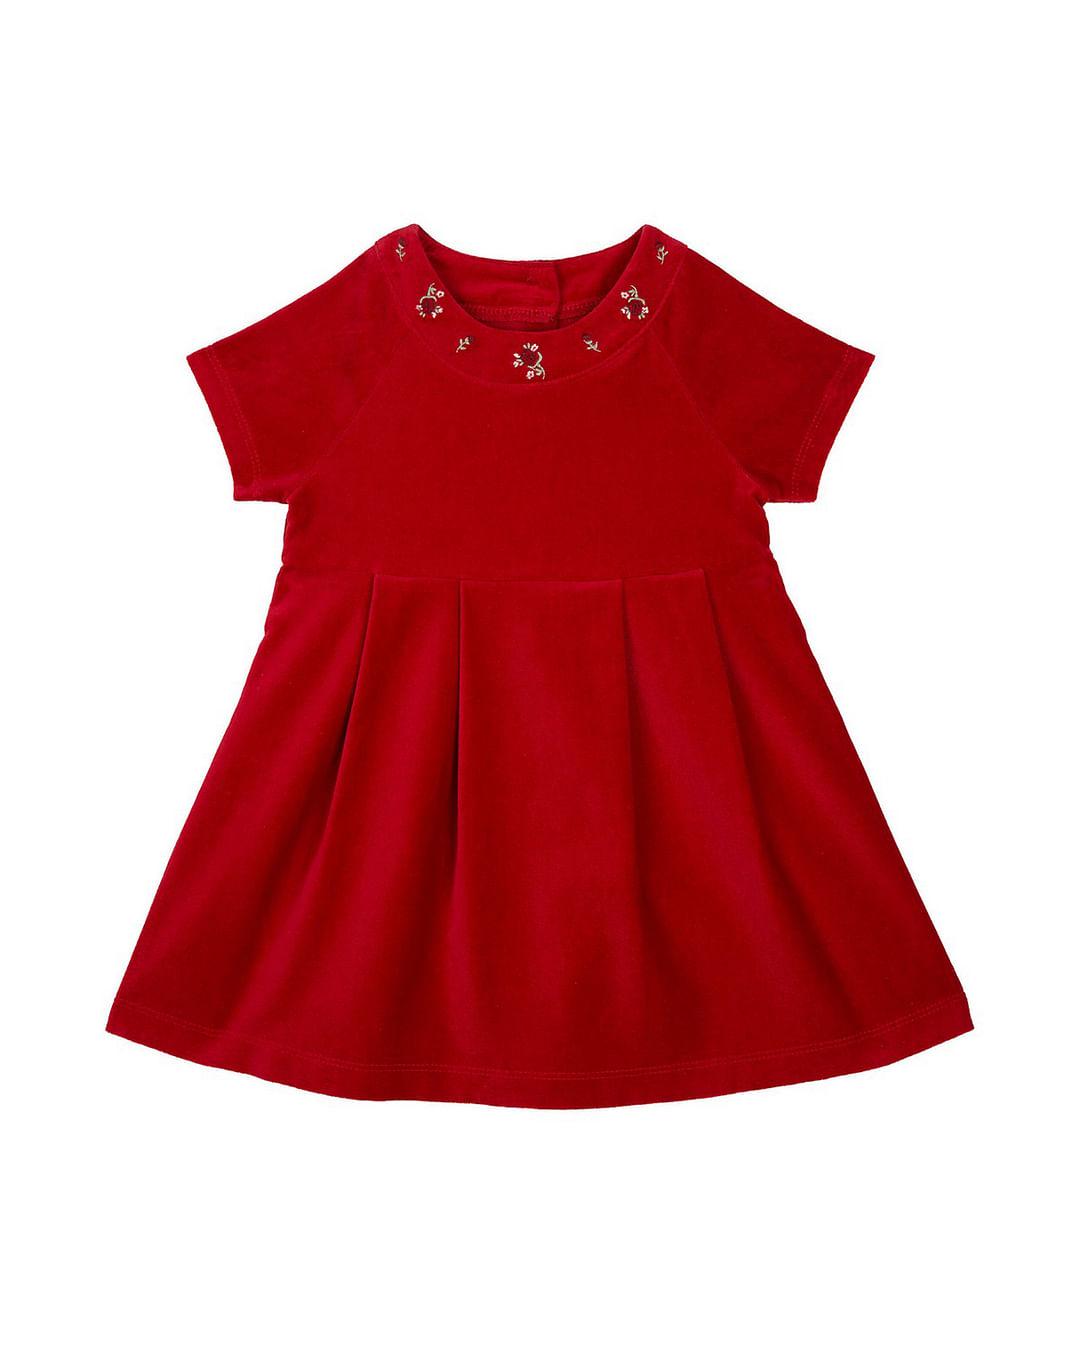 Girls Half Sleeves Dress Floral Embellished – Red